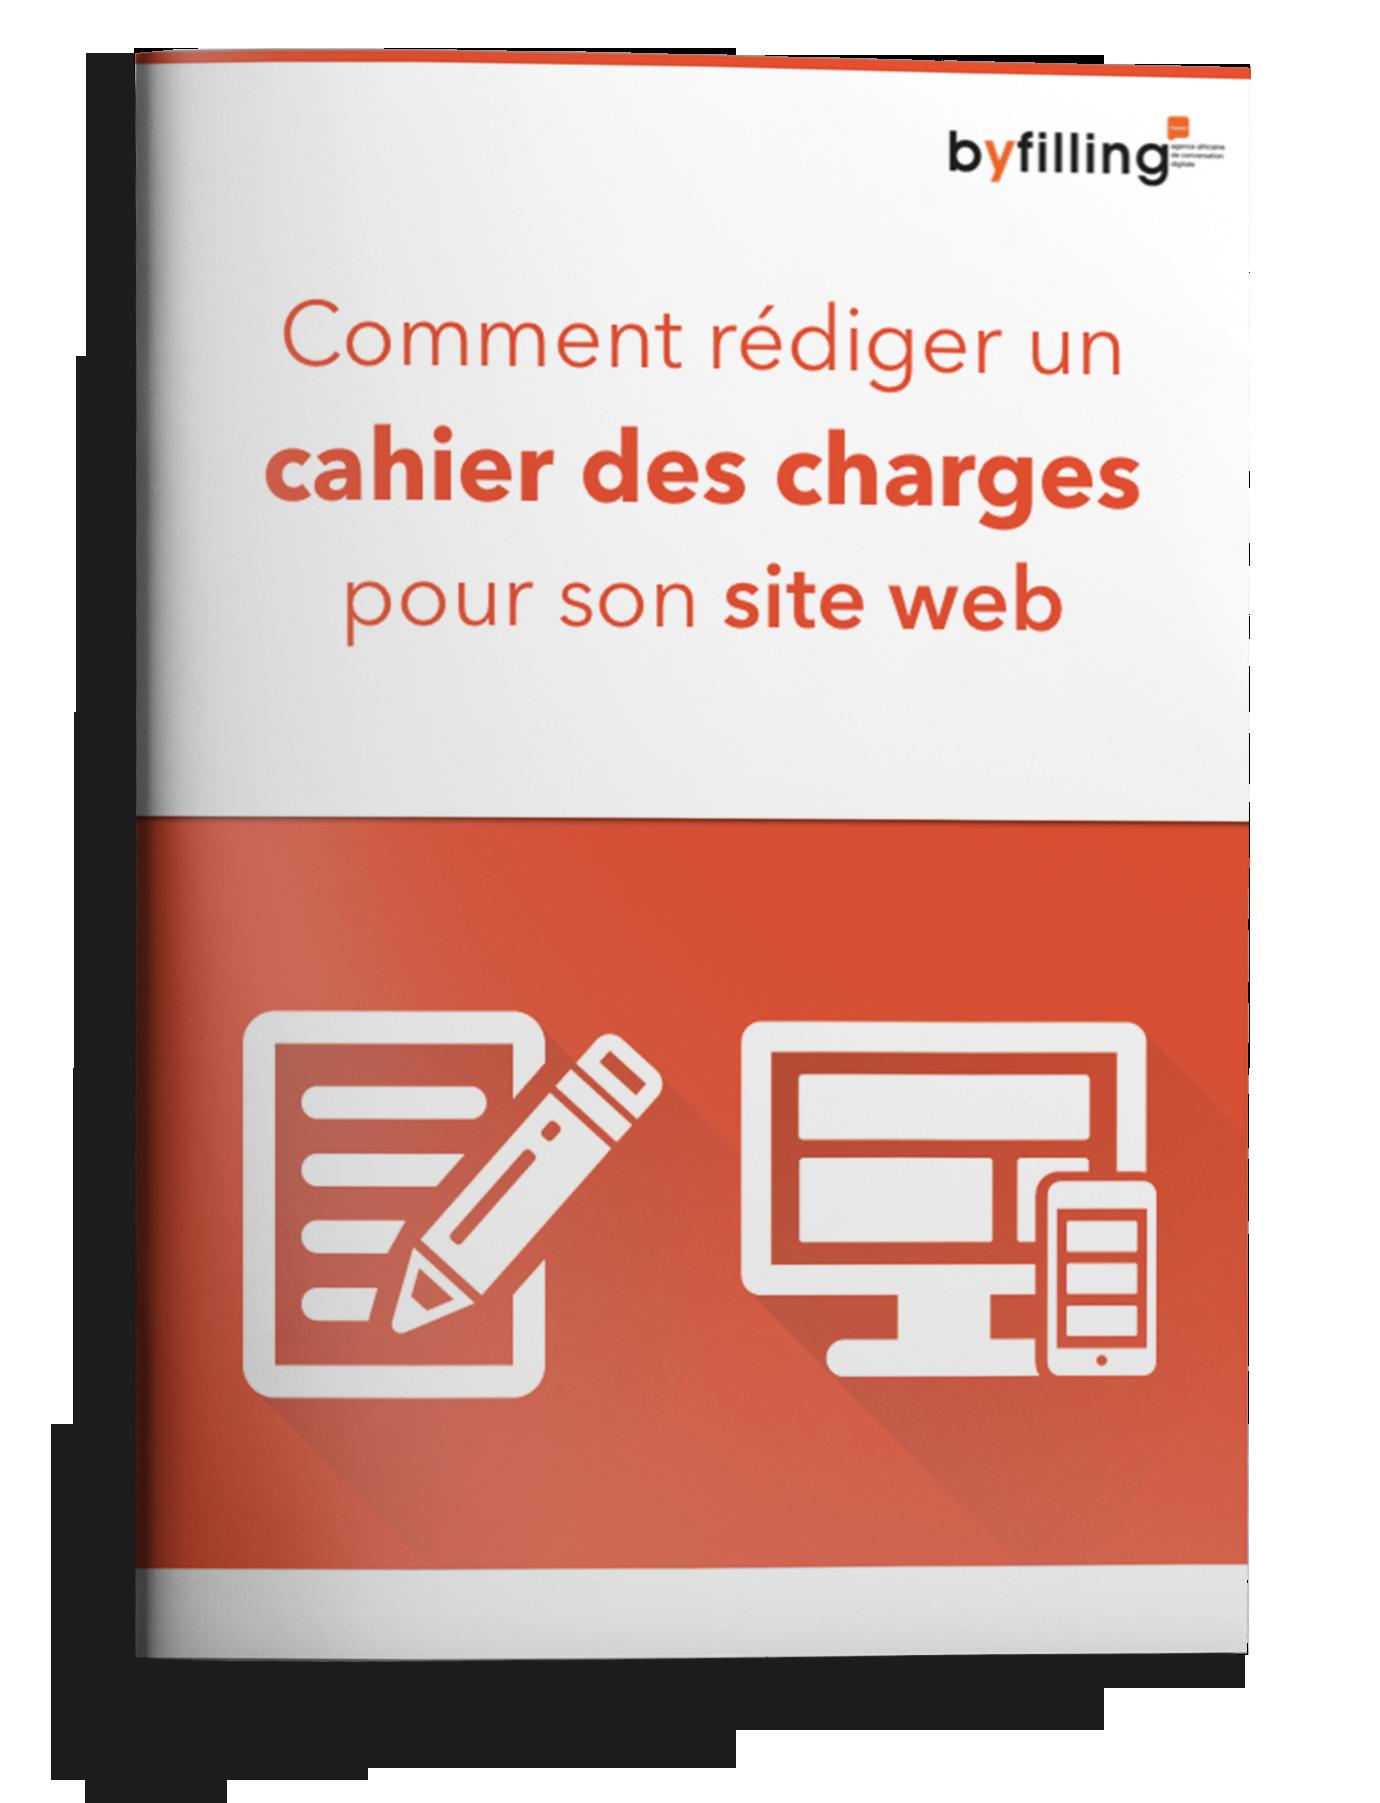 comment_rediger_un_cahier_des_charges_pour_votre_site_web.png